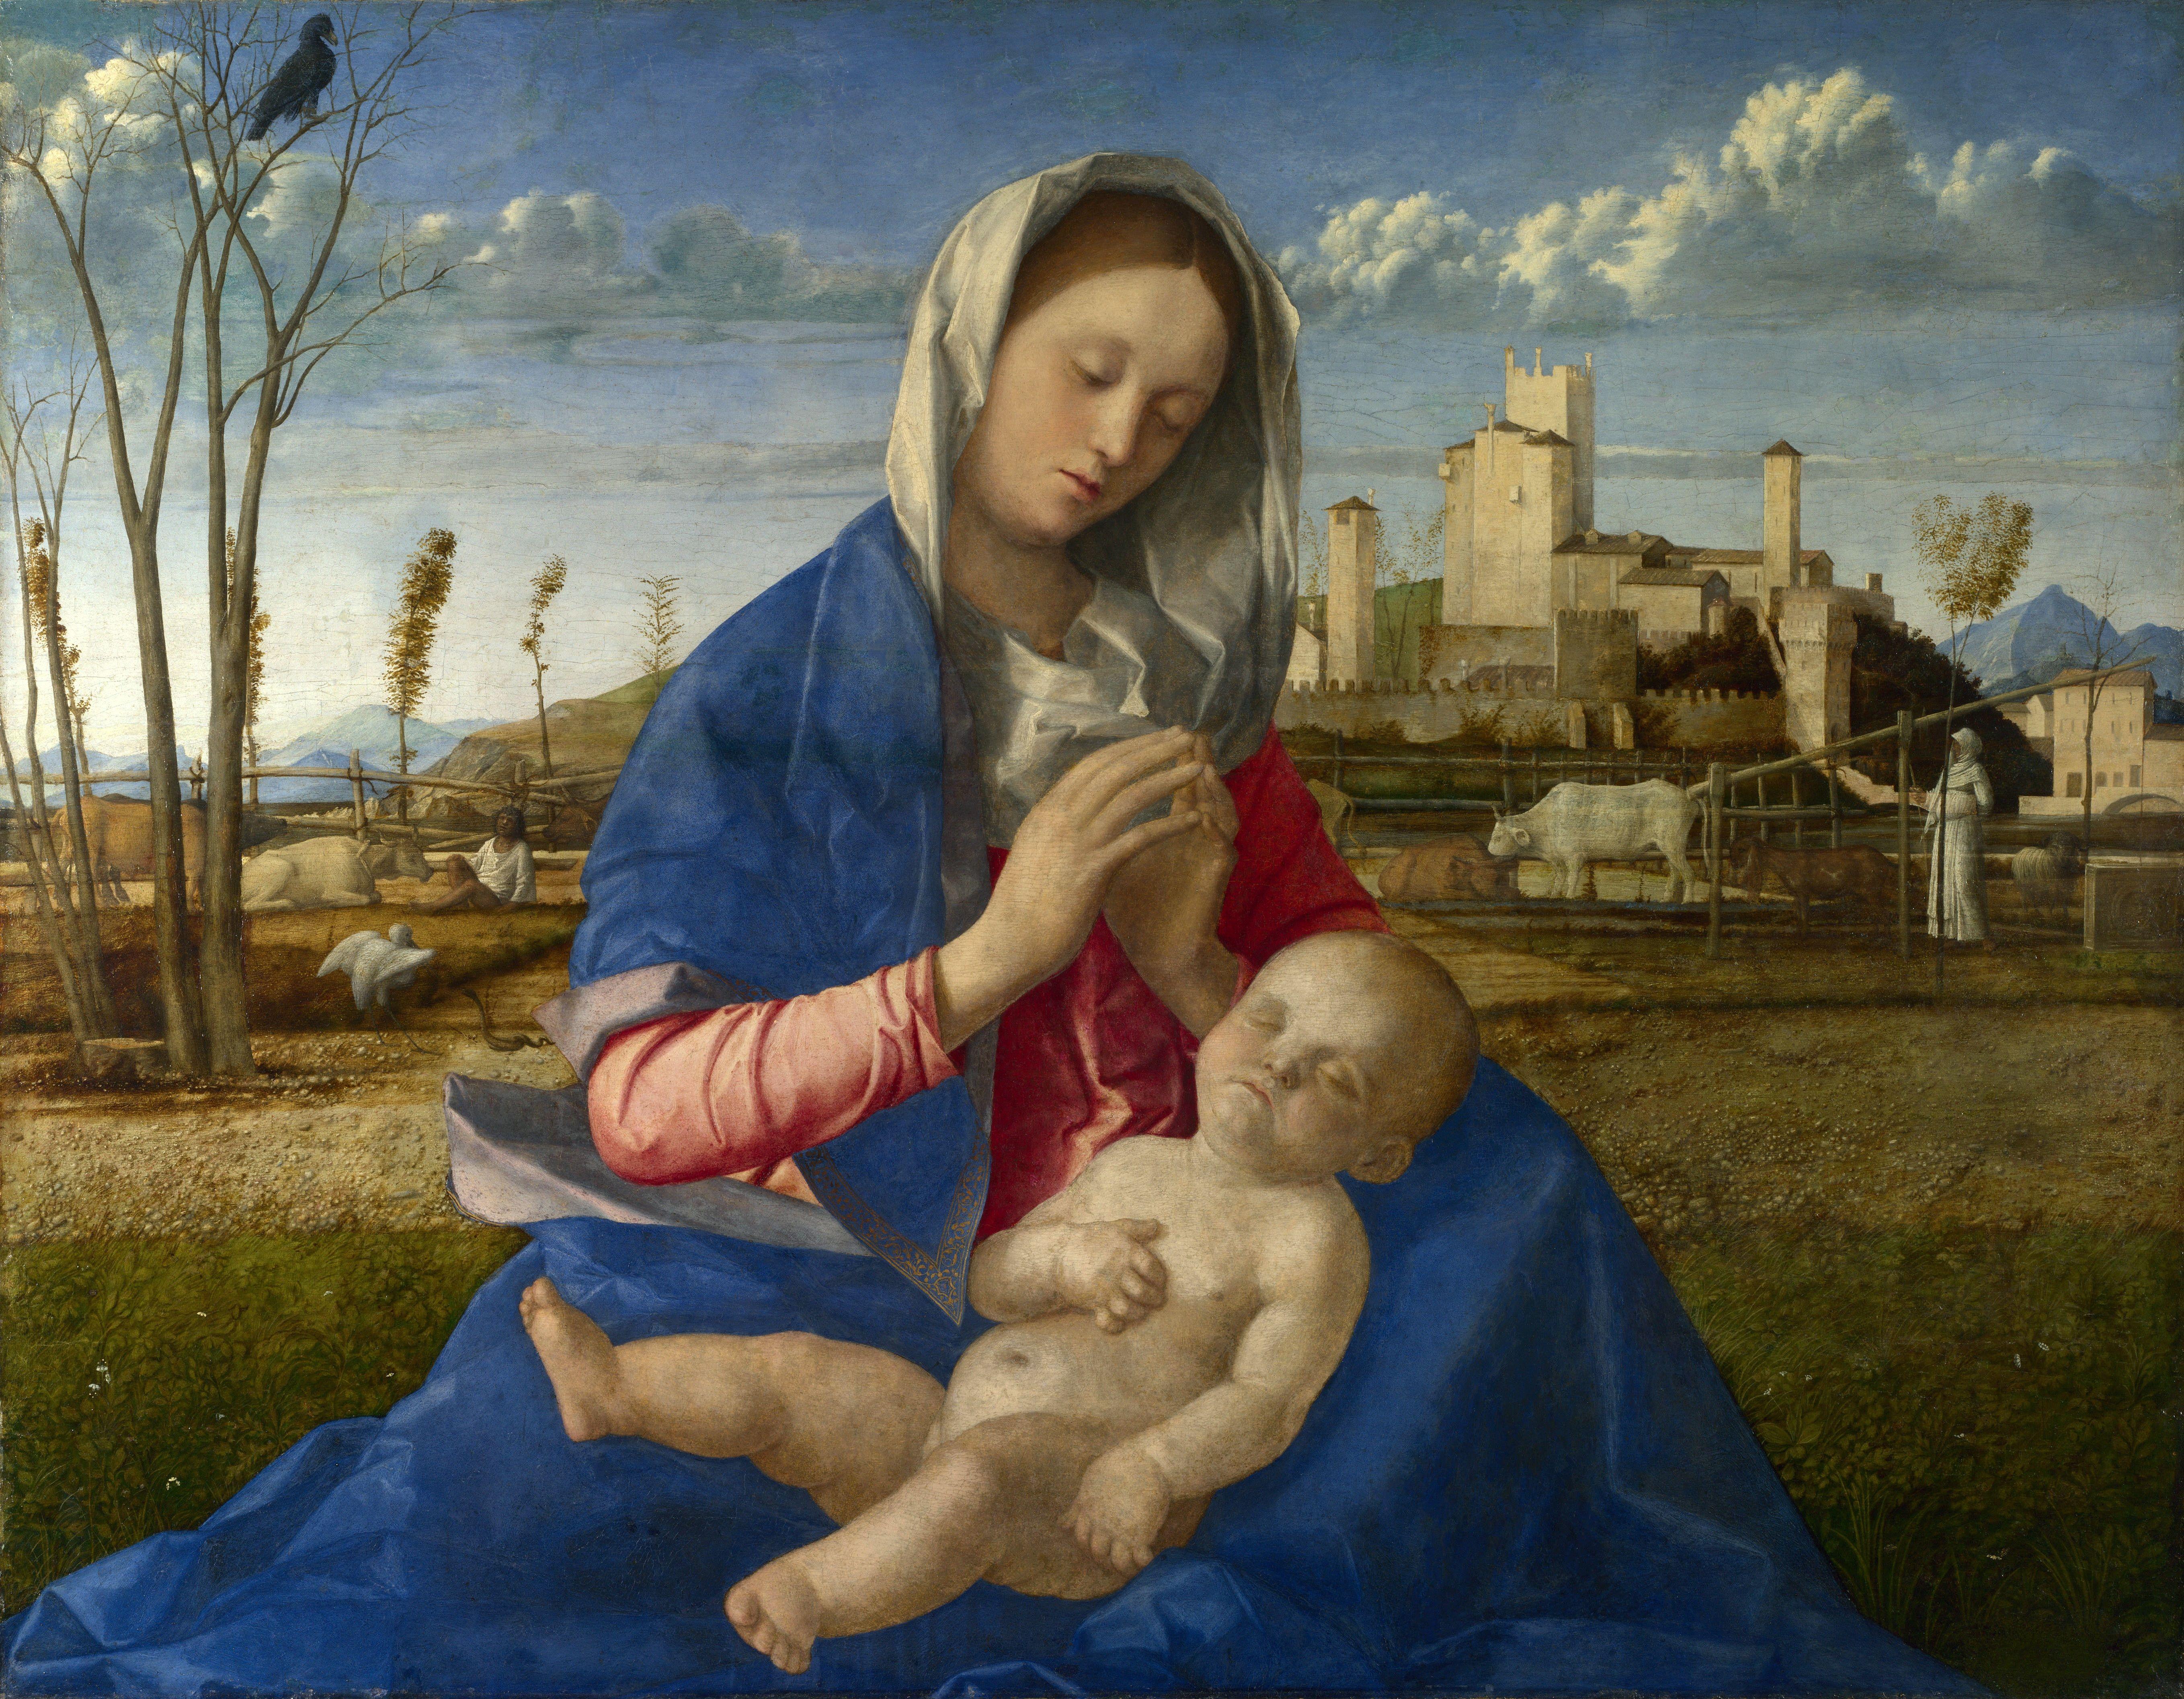 Giovanni Bellini - La Madonna Del Prato Paintings With Capital